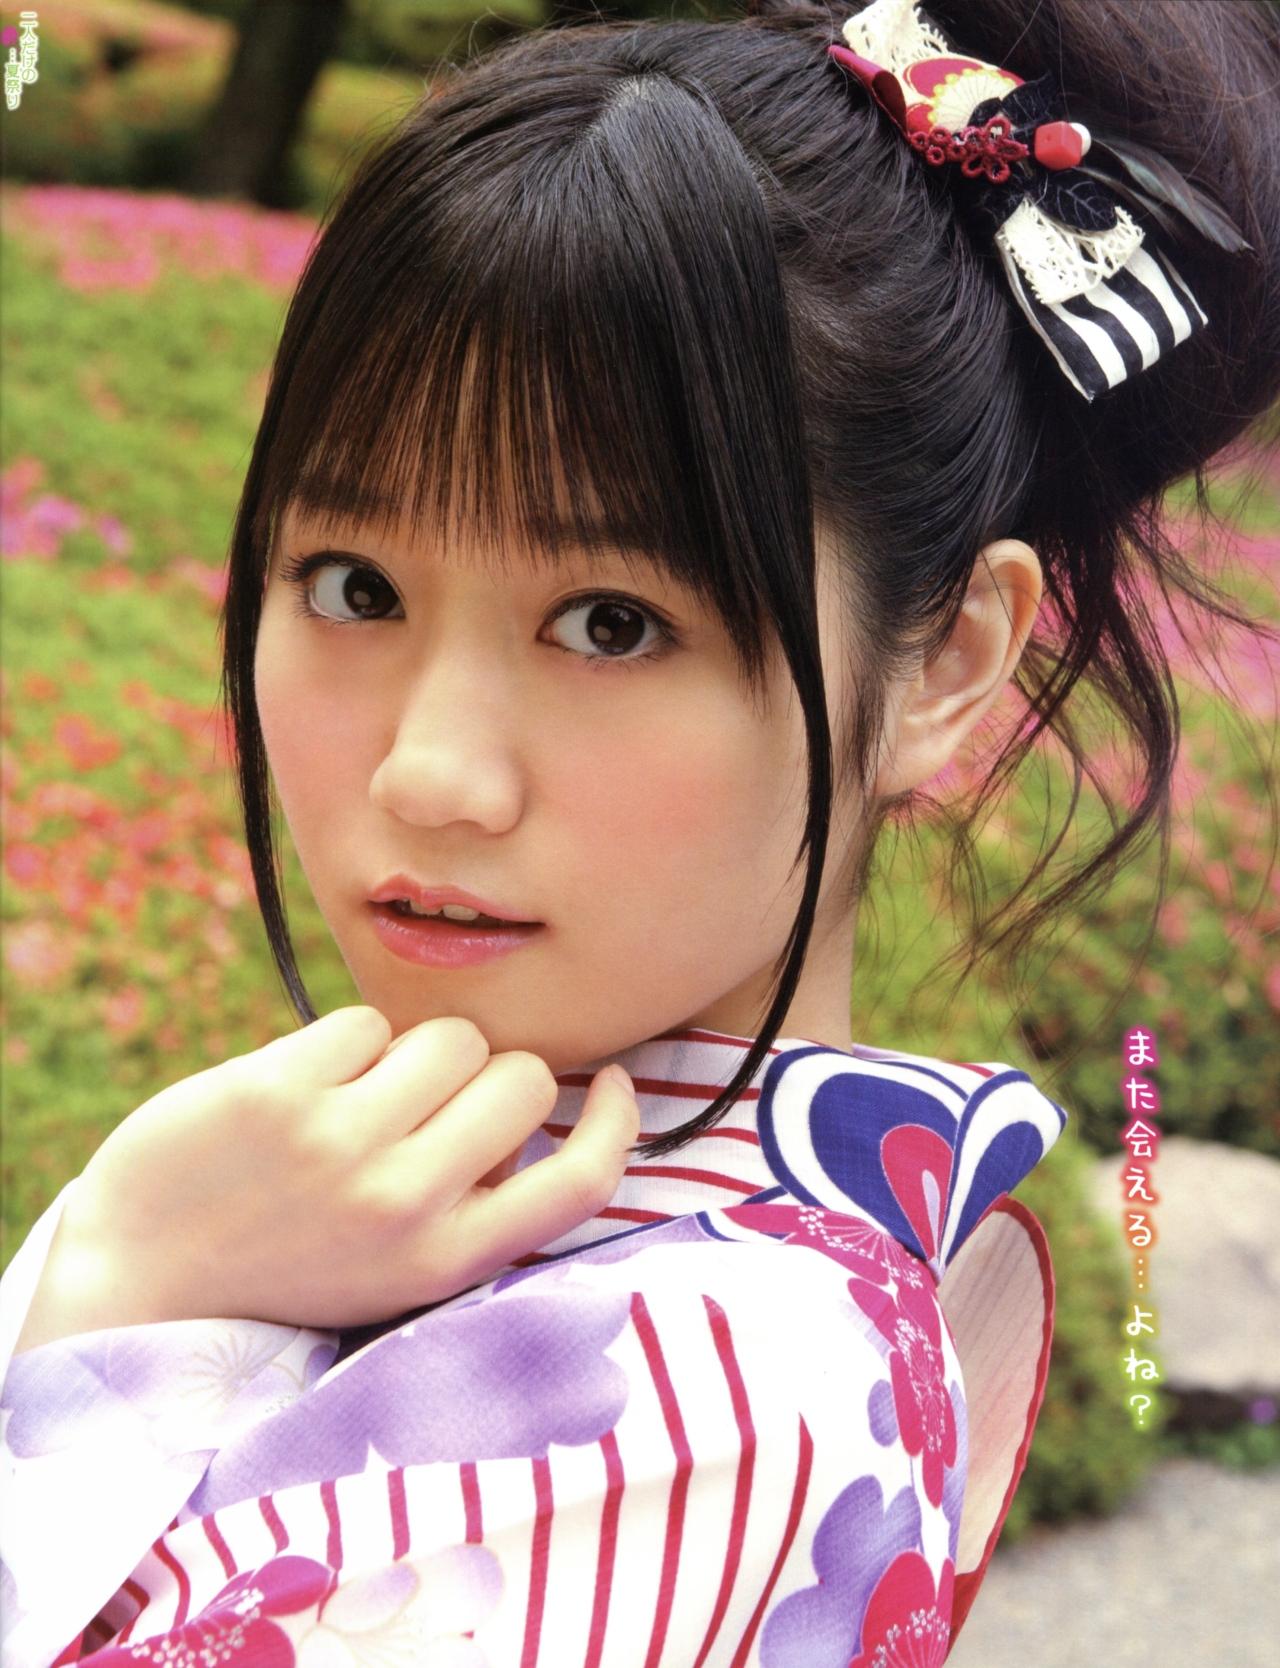 【人気声優】小倉唯の高校生活は超絶多忙だったに違いない!?のサムネイル画像